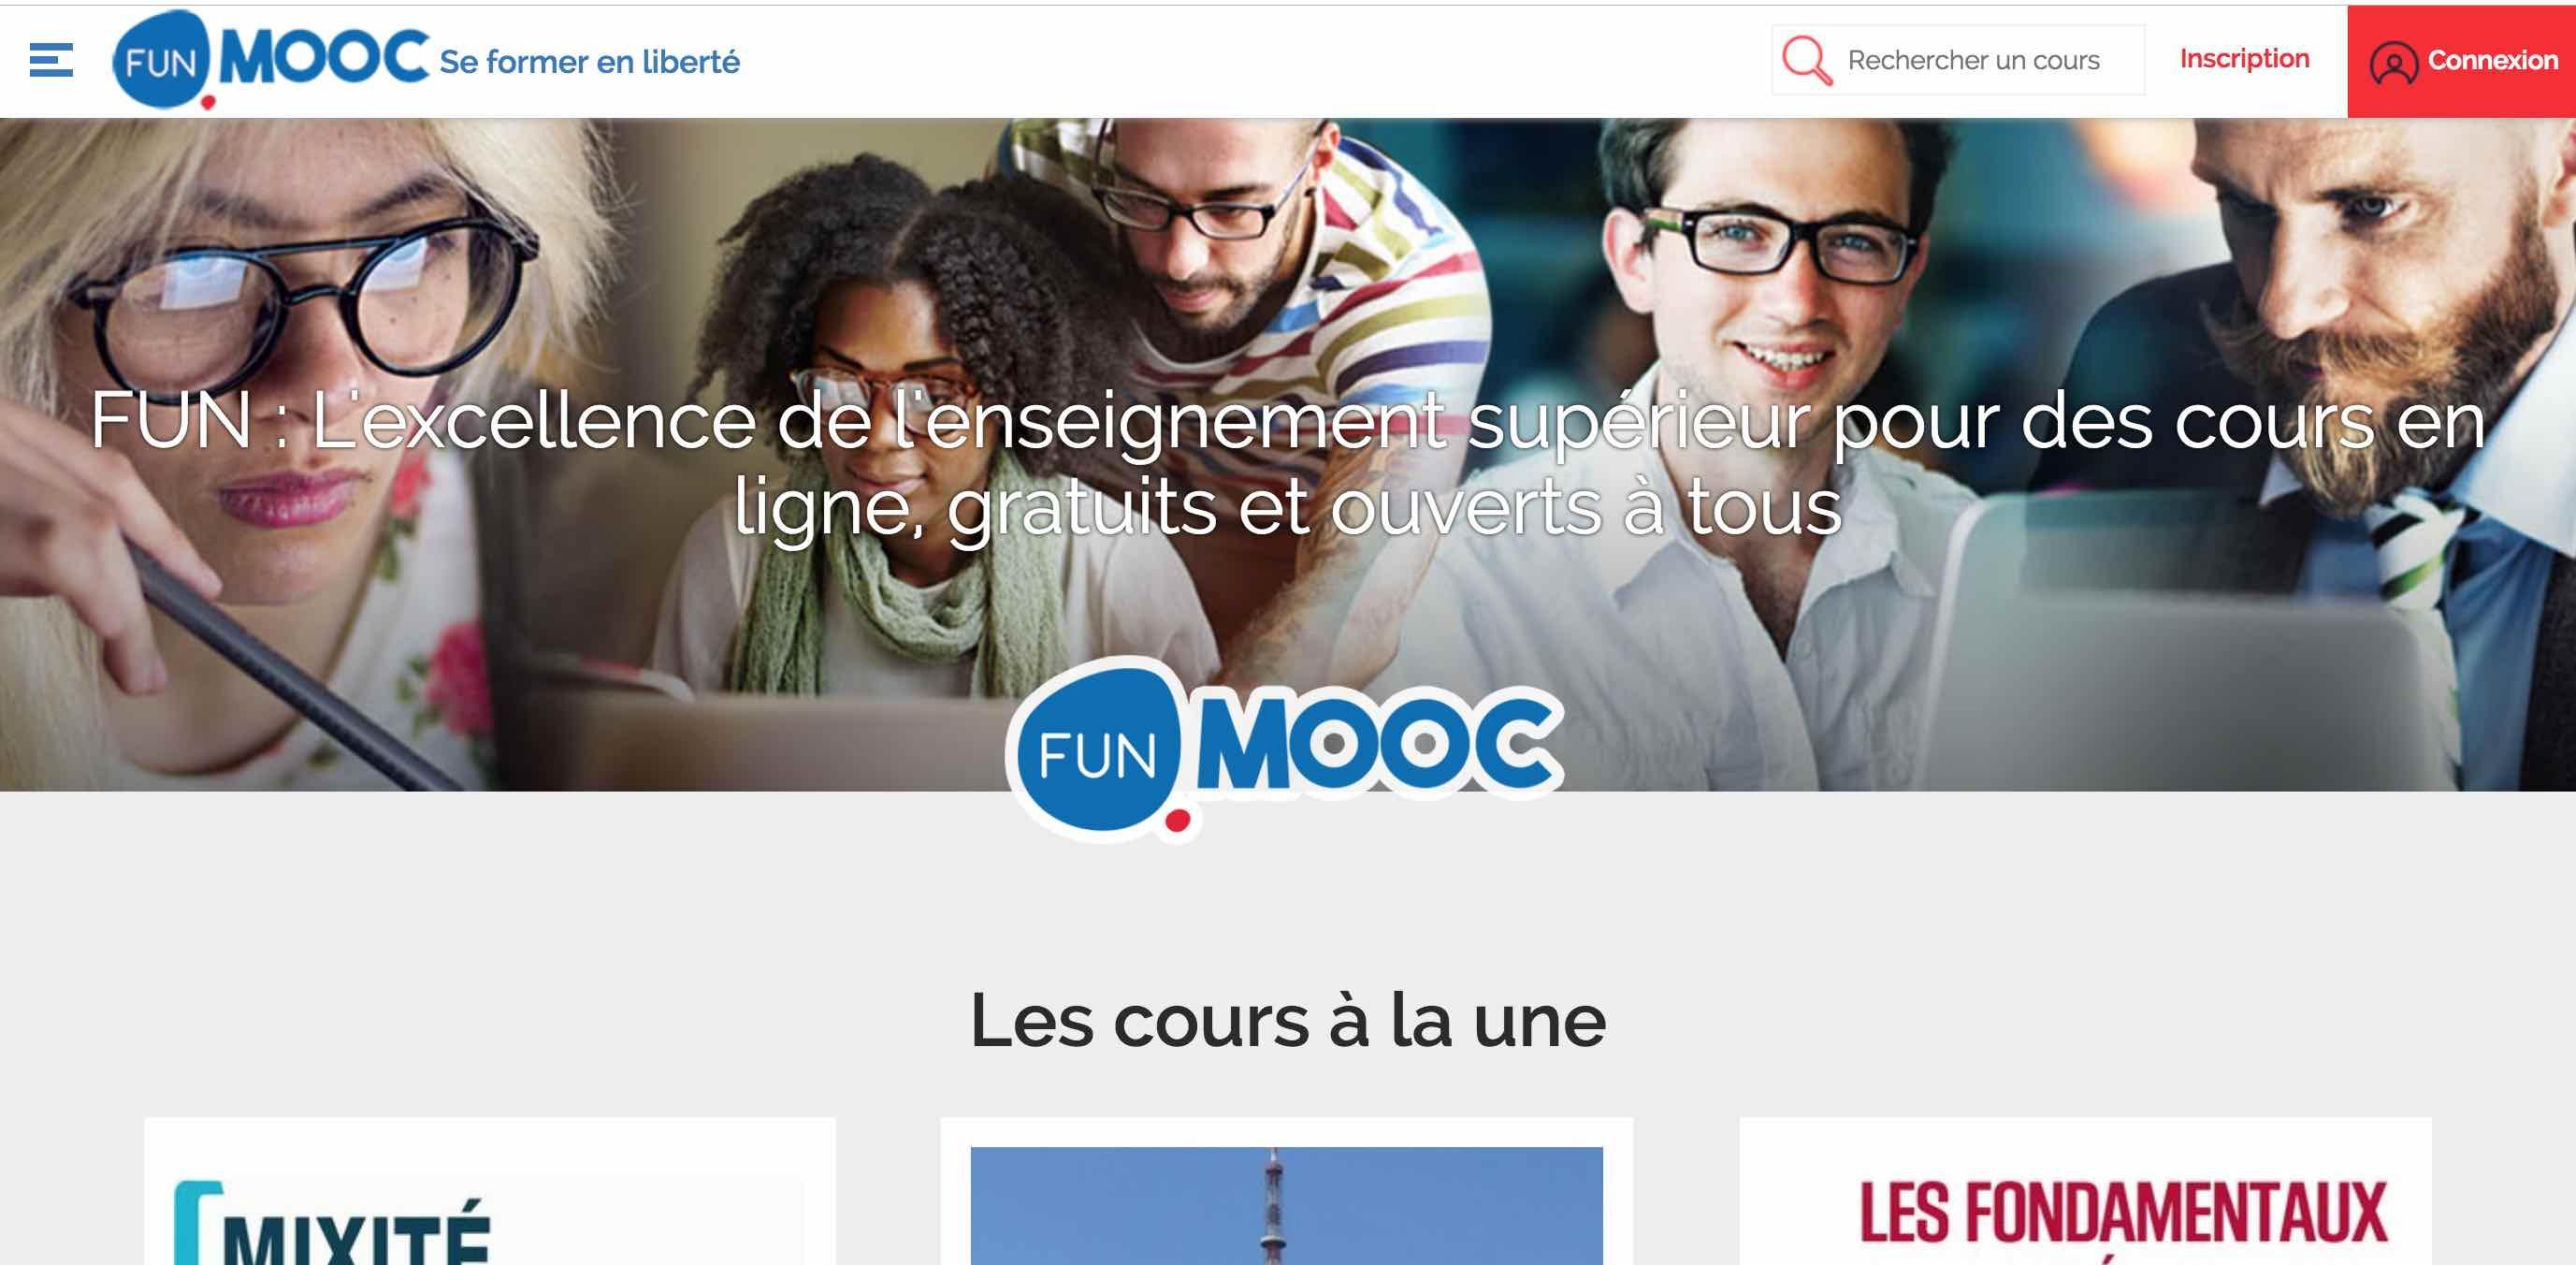 Page d'accueil de FUN MOOC Université